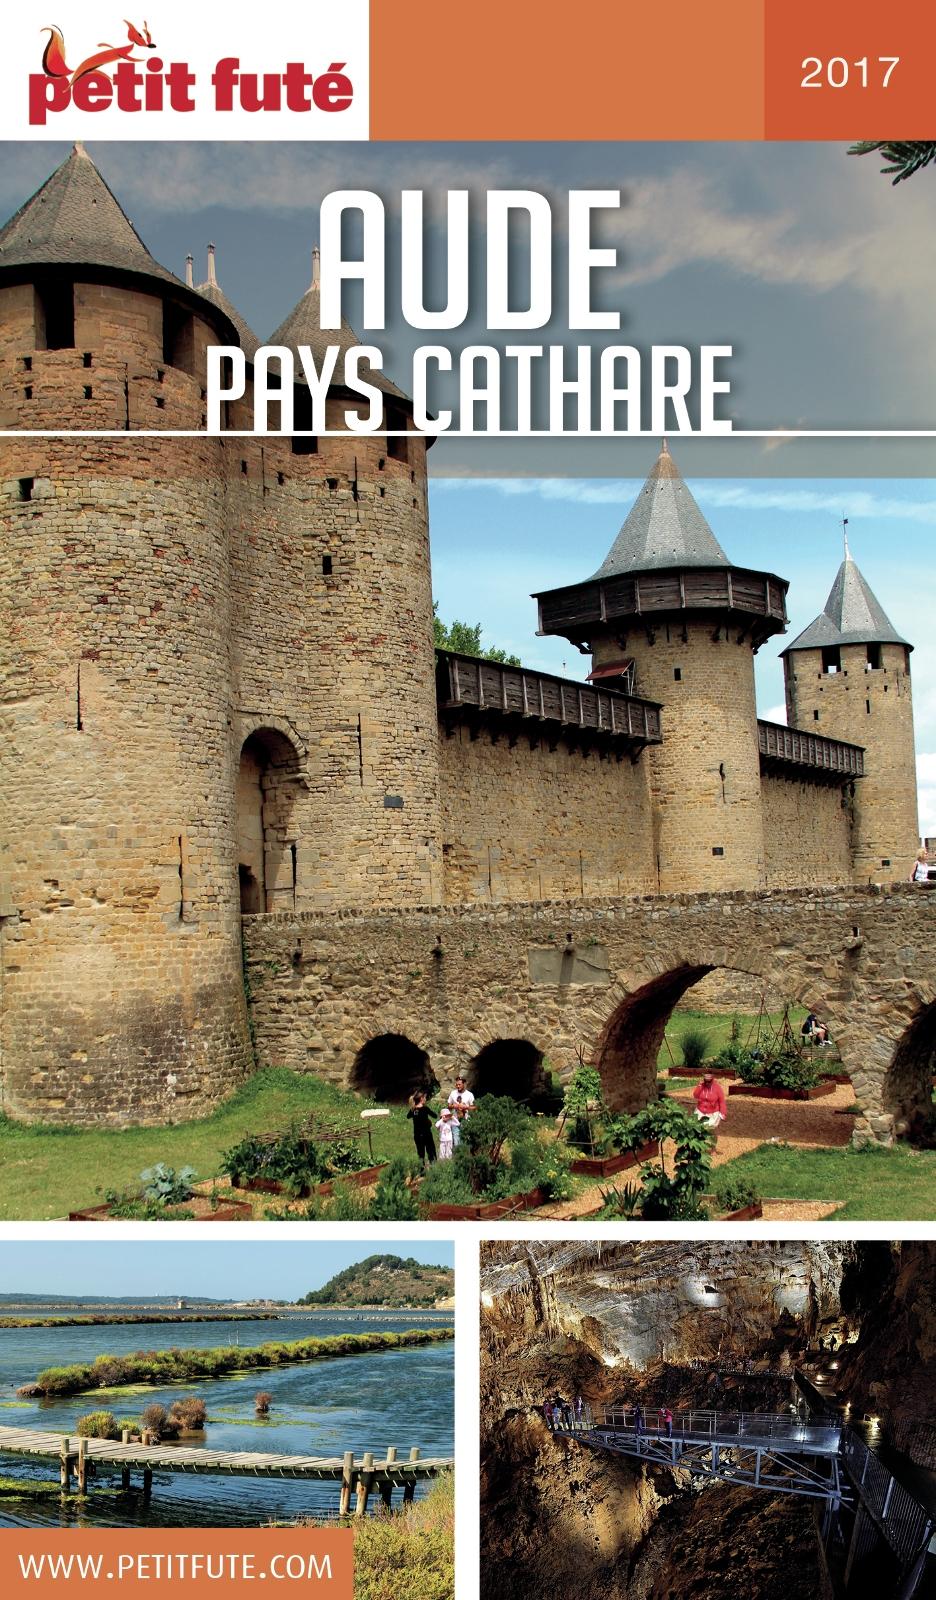 AUDE - PAYS CATHARE 2017/2018 Petit Futé